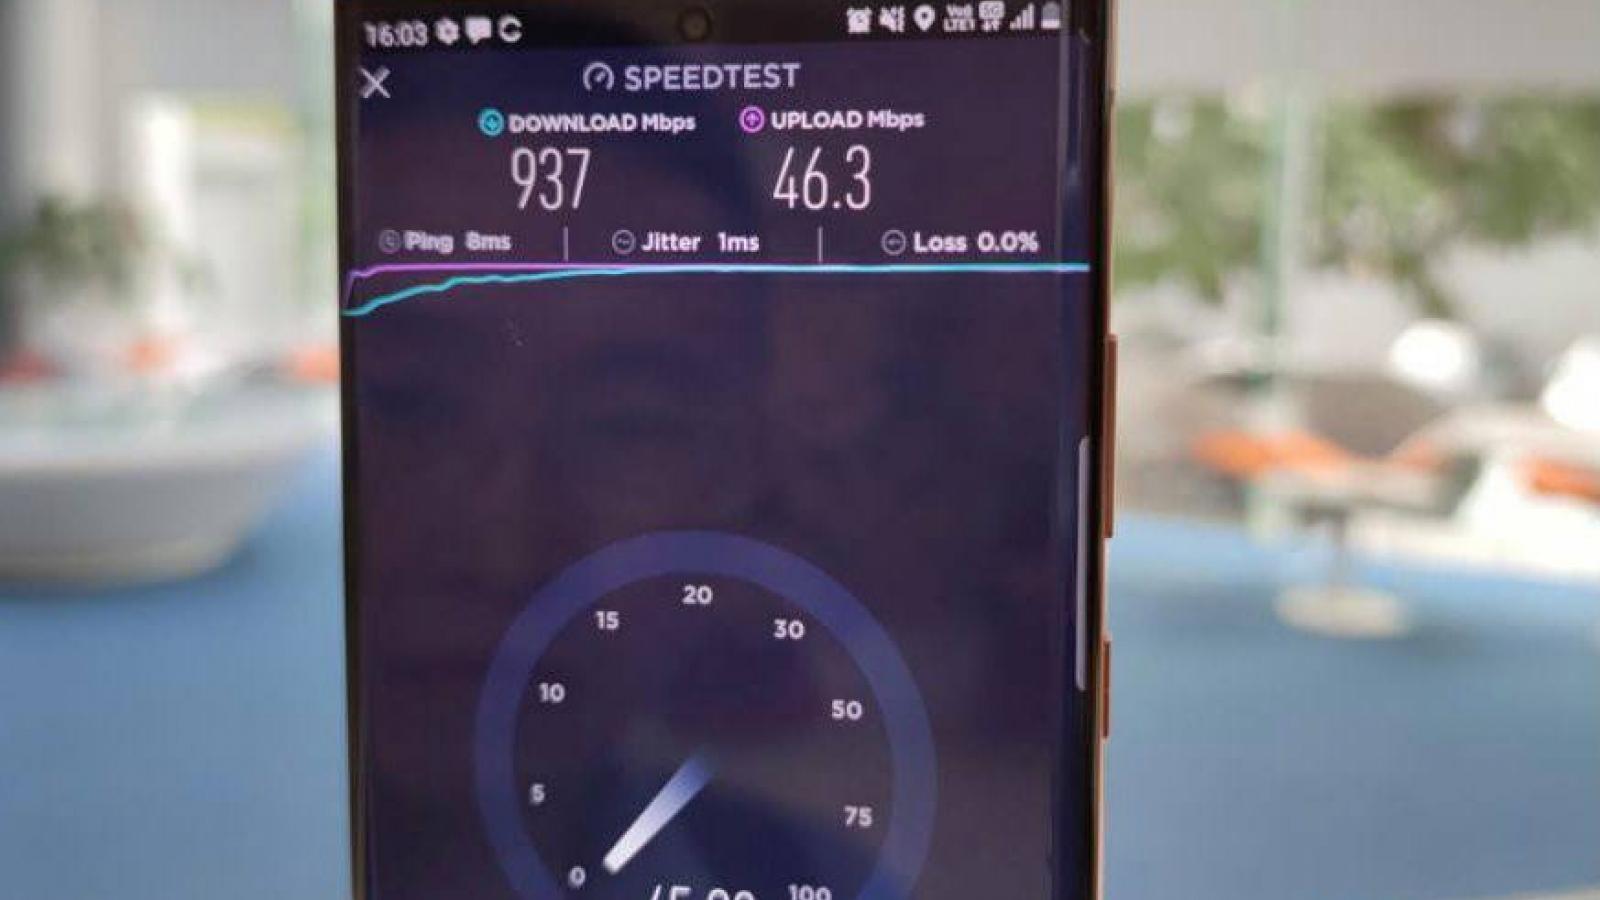 Ngày 22/12: Mạng 5G Viettel đã dùng được trên điện thoại Samsung